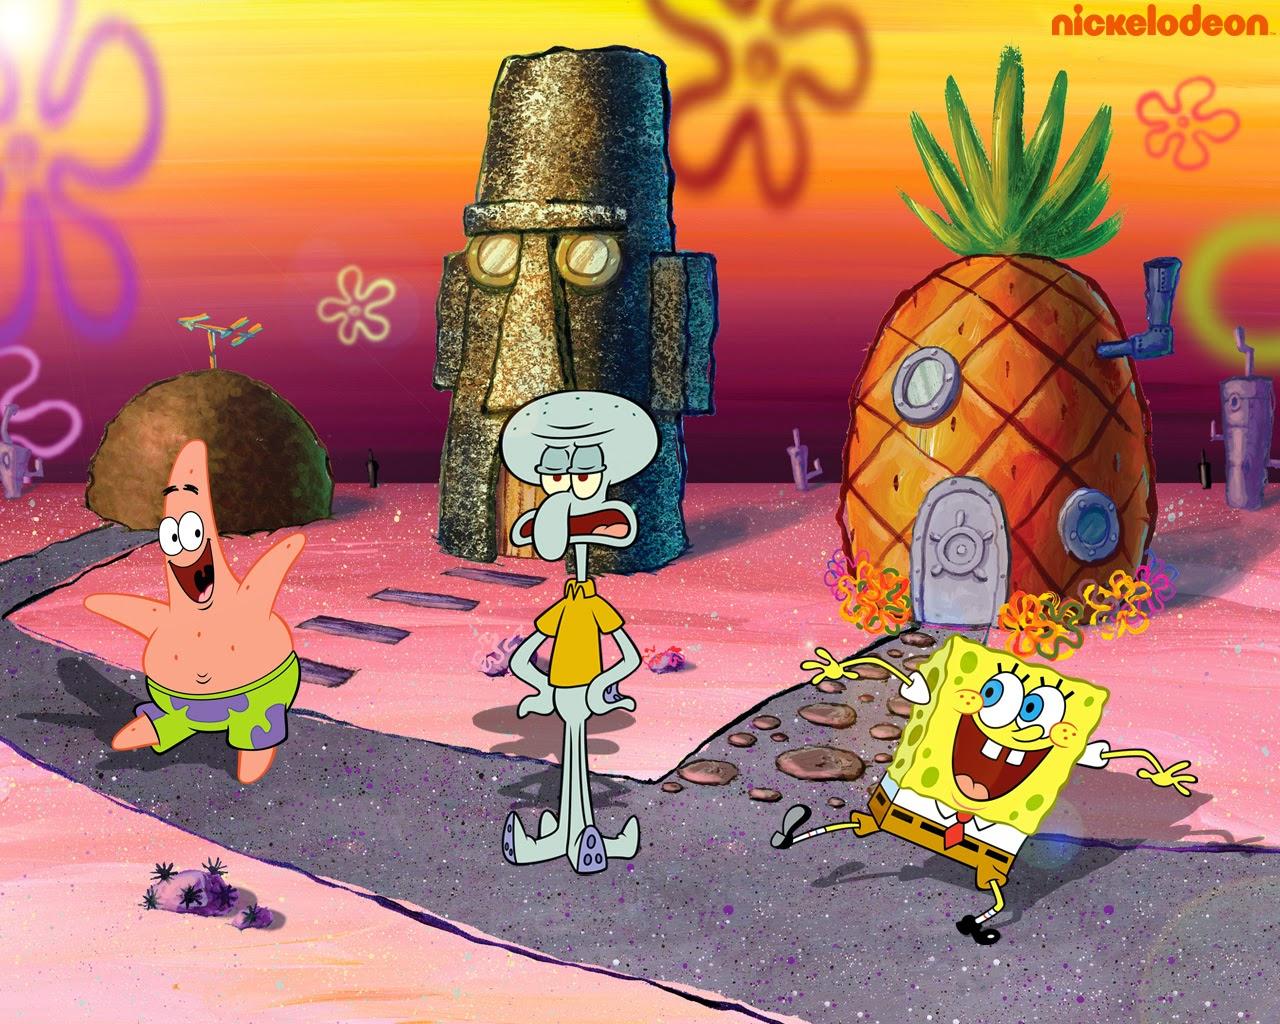 40 Rumah Spongebob Squidward Dan Patrick Terlengkap Gambar Anime Keren Terlengkap